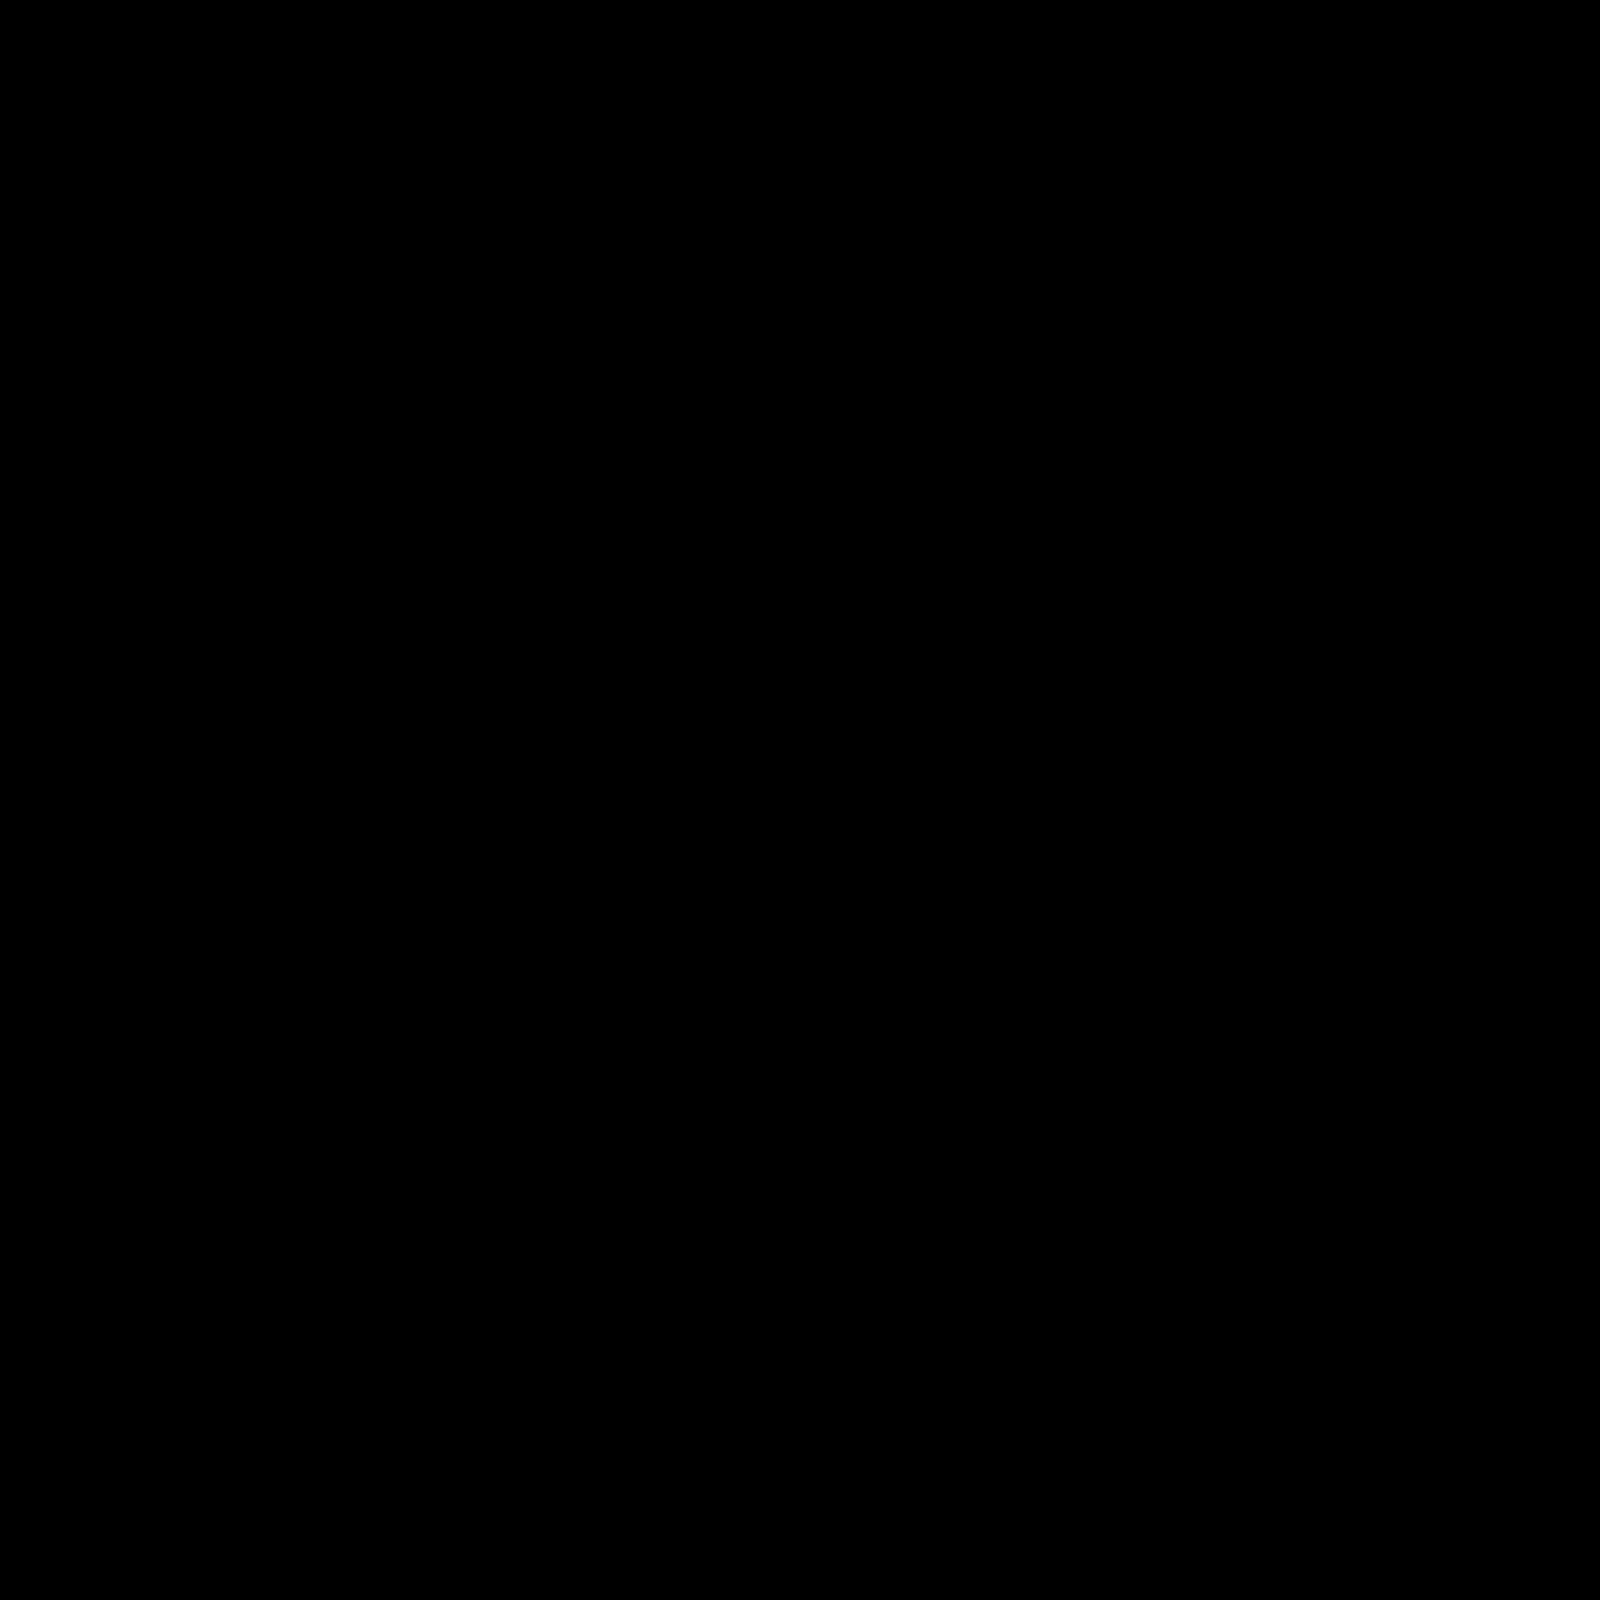 Książka adresowa 2 icon